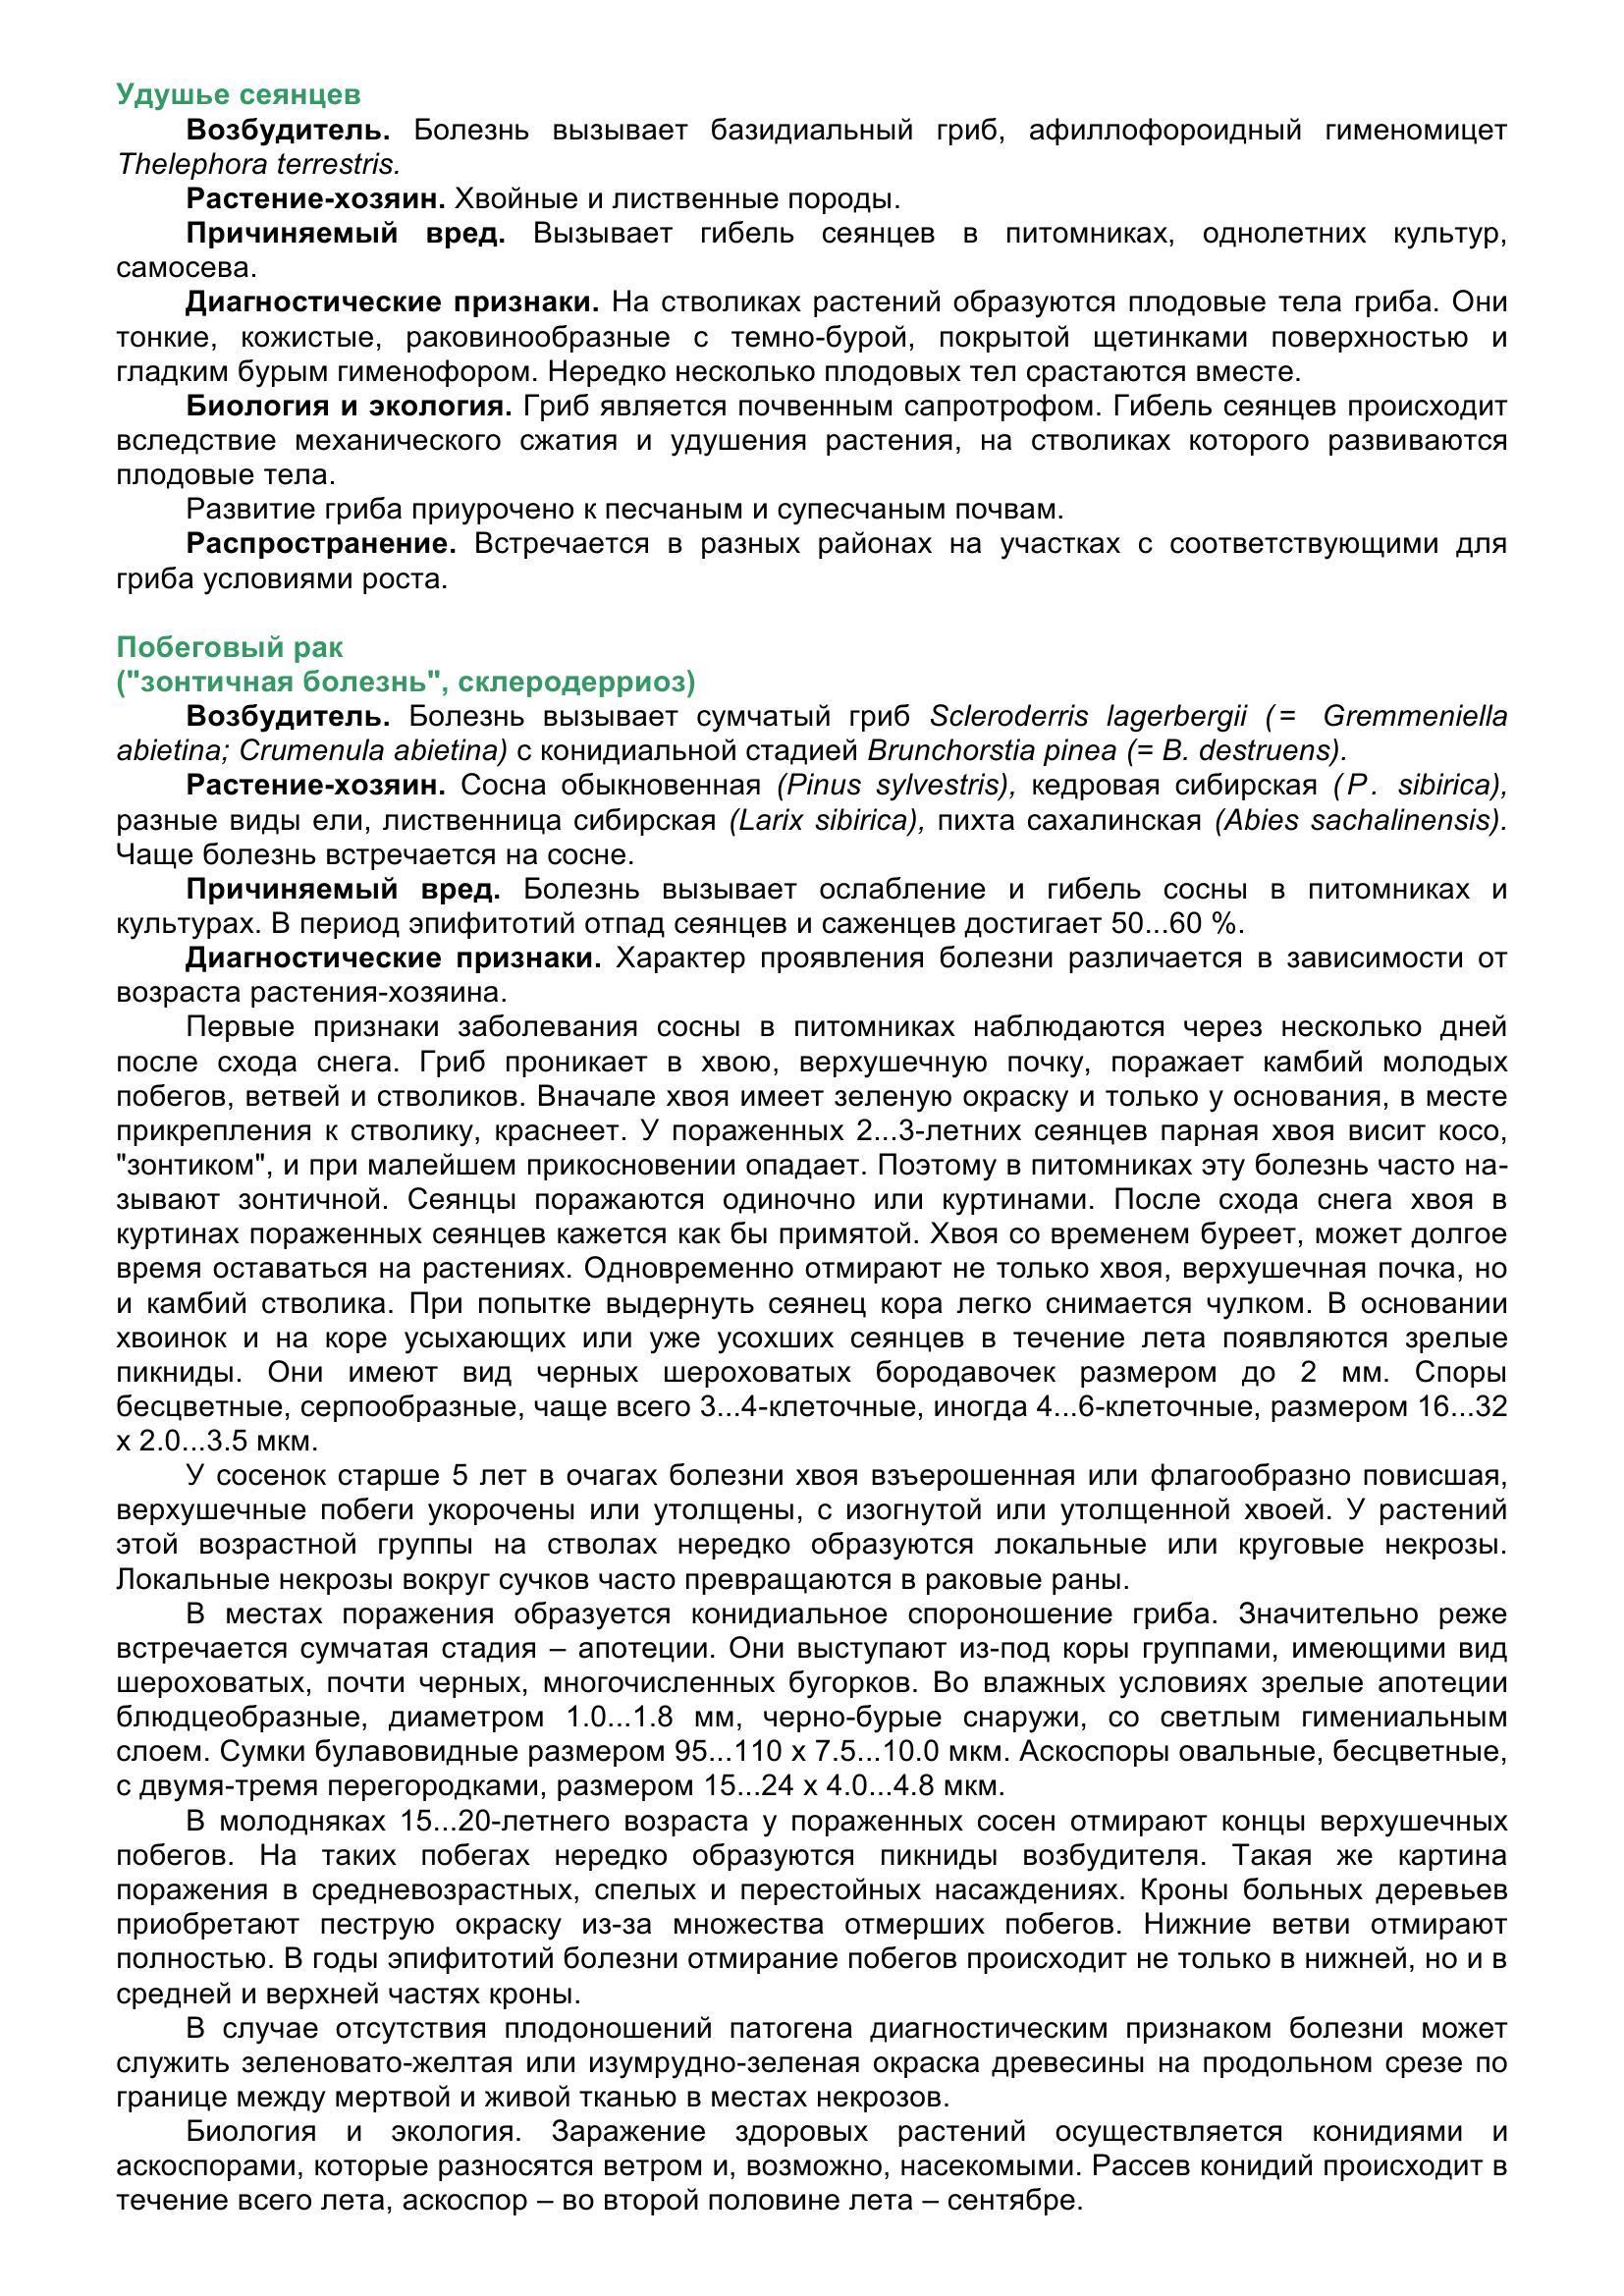 Болезни_древесных_растений_062.jpg